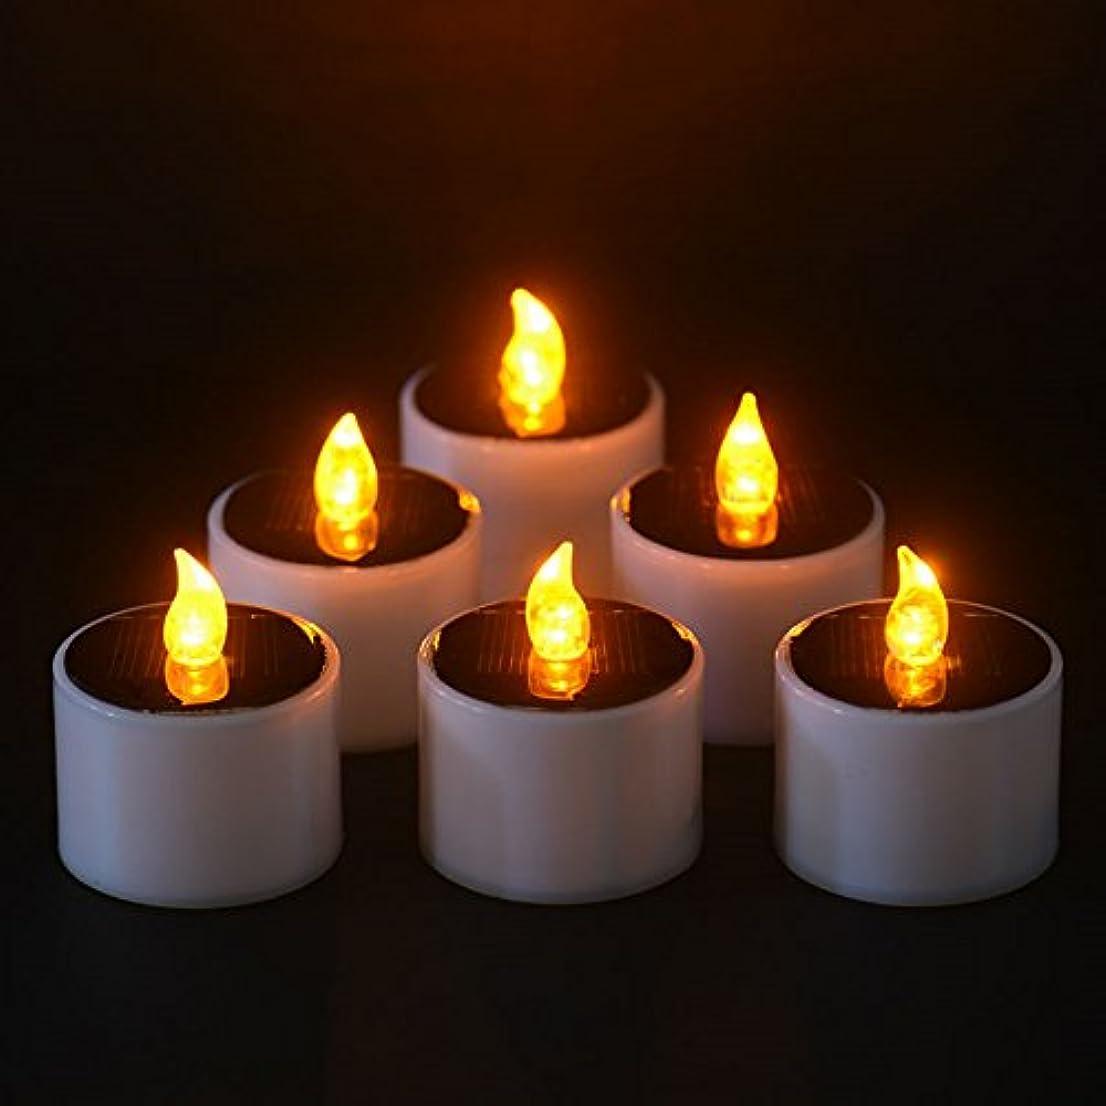 下疑い者順応性のあるソーラーキャンドル、ソーラー電源電子常夜灯LEDキャンドルライトFlameless Tealightsちらつきキャンドル、イエロー、6個のパック